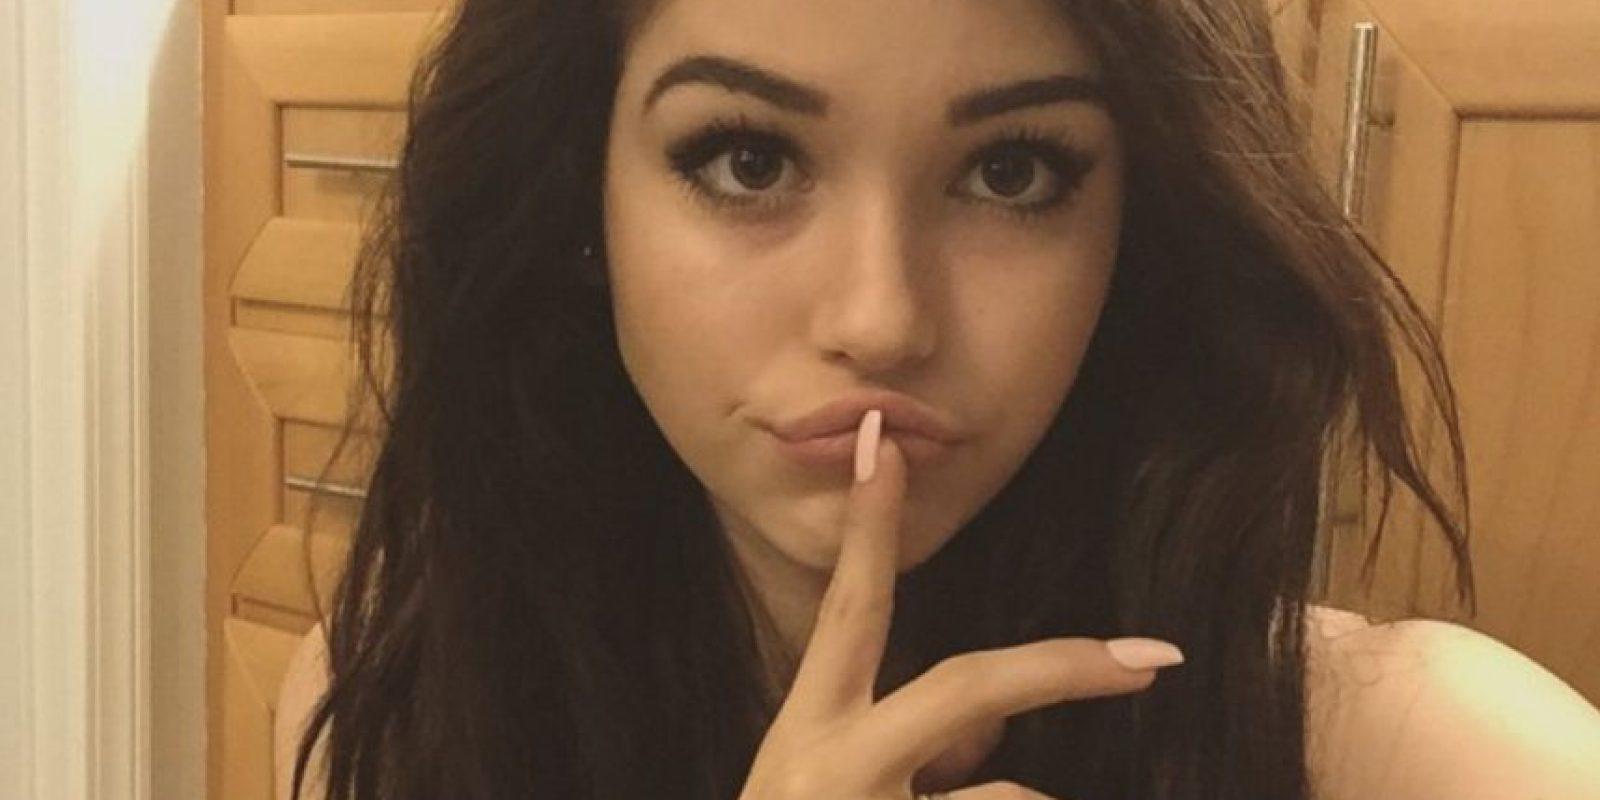 Es más conocida por su perfil en Instagram. Foto:Vía Instagram @itsmaggielindemann